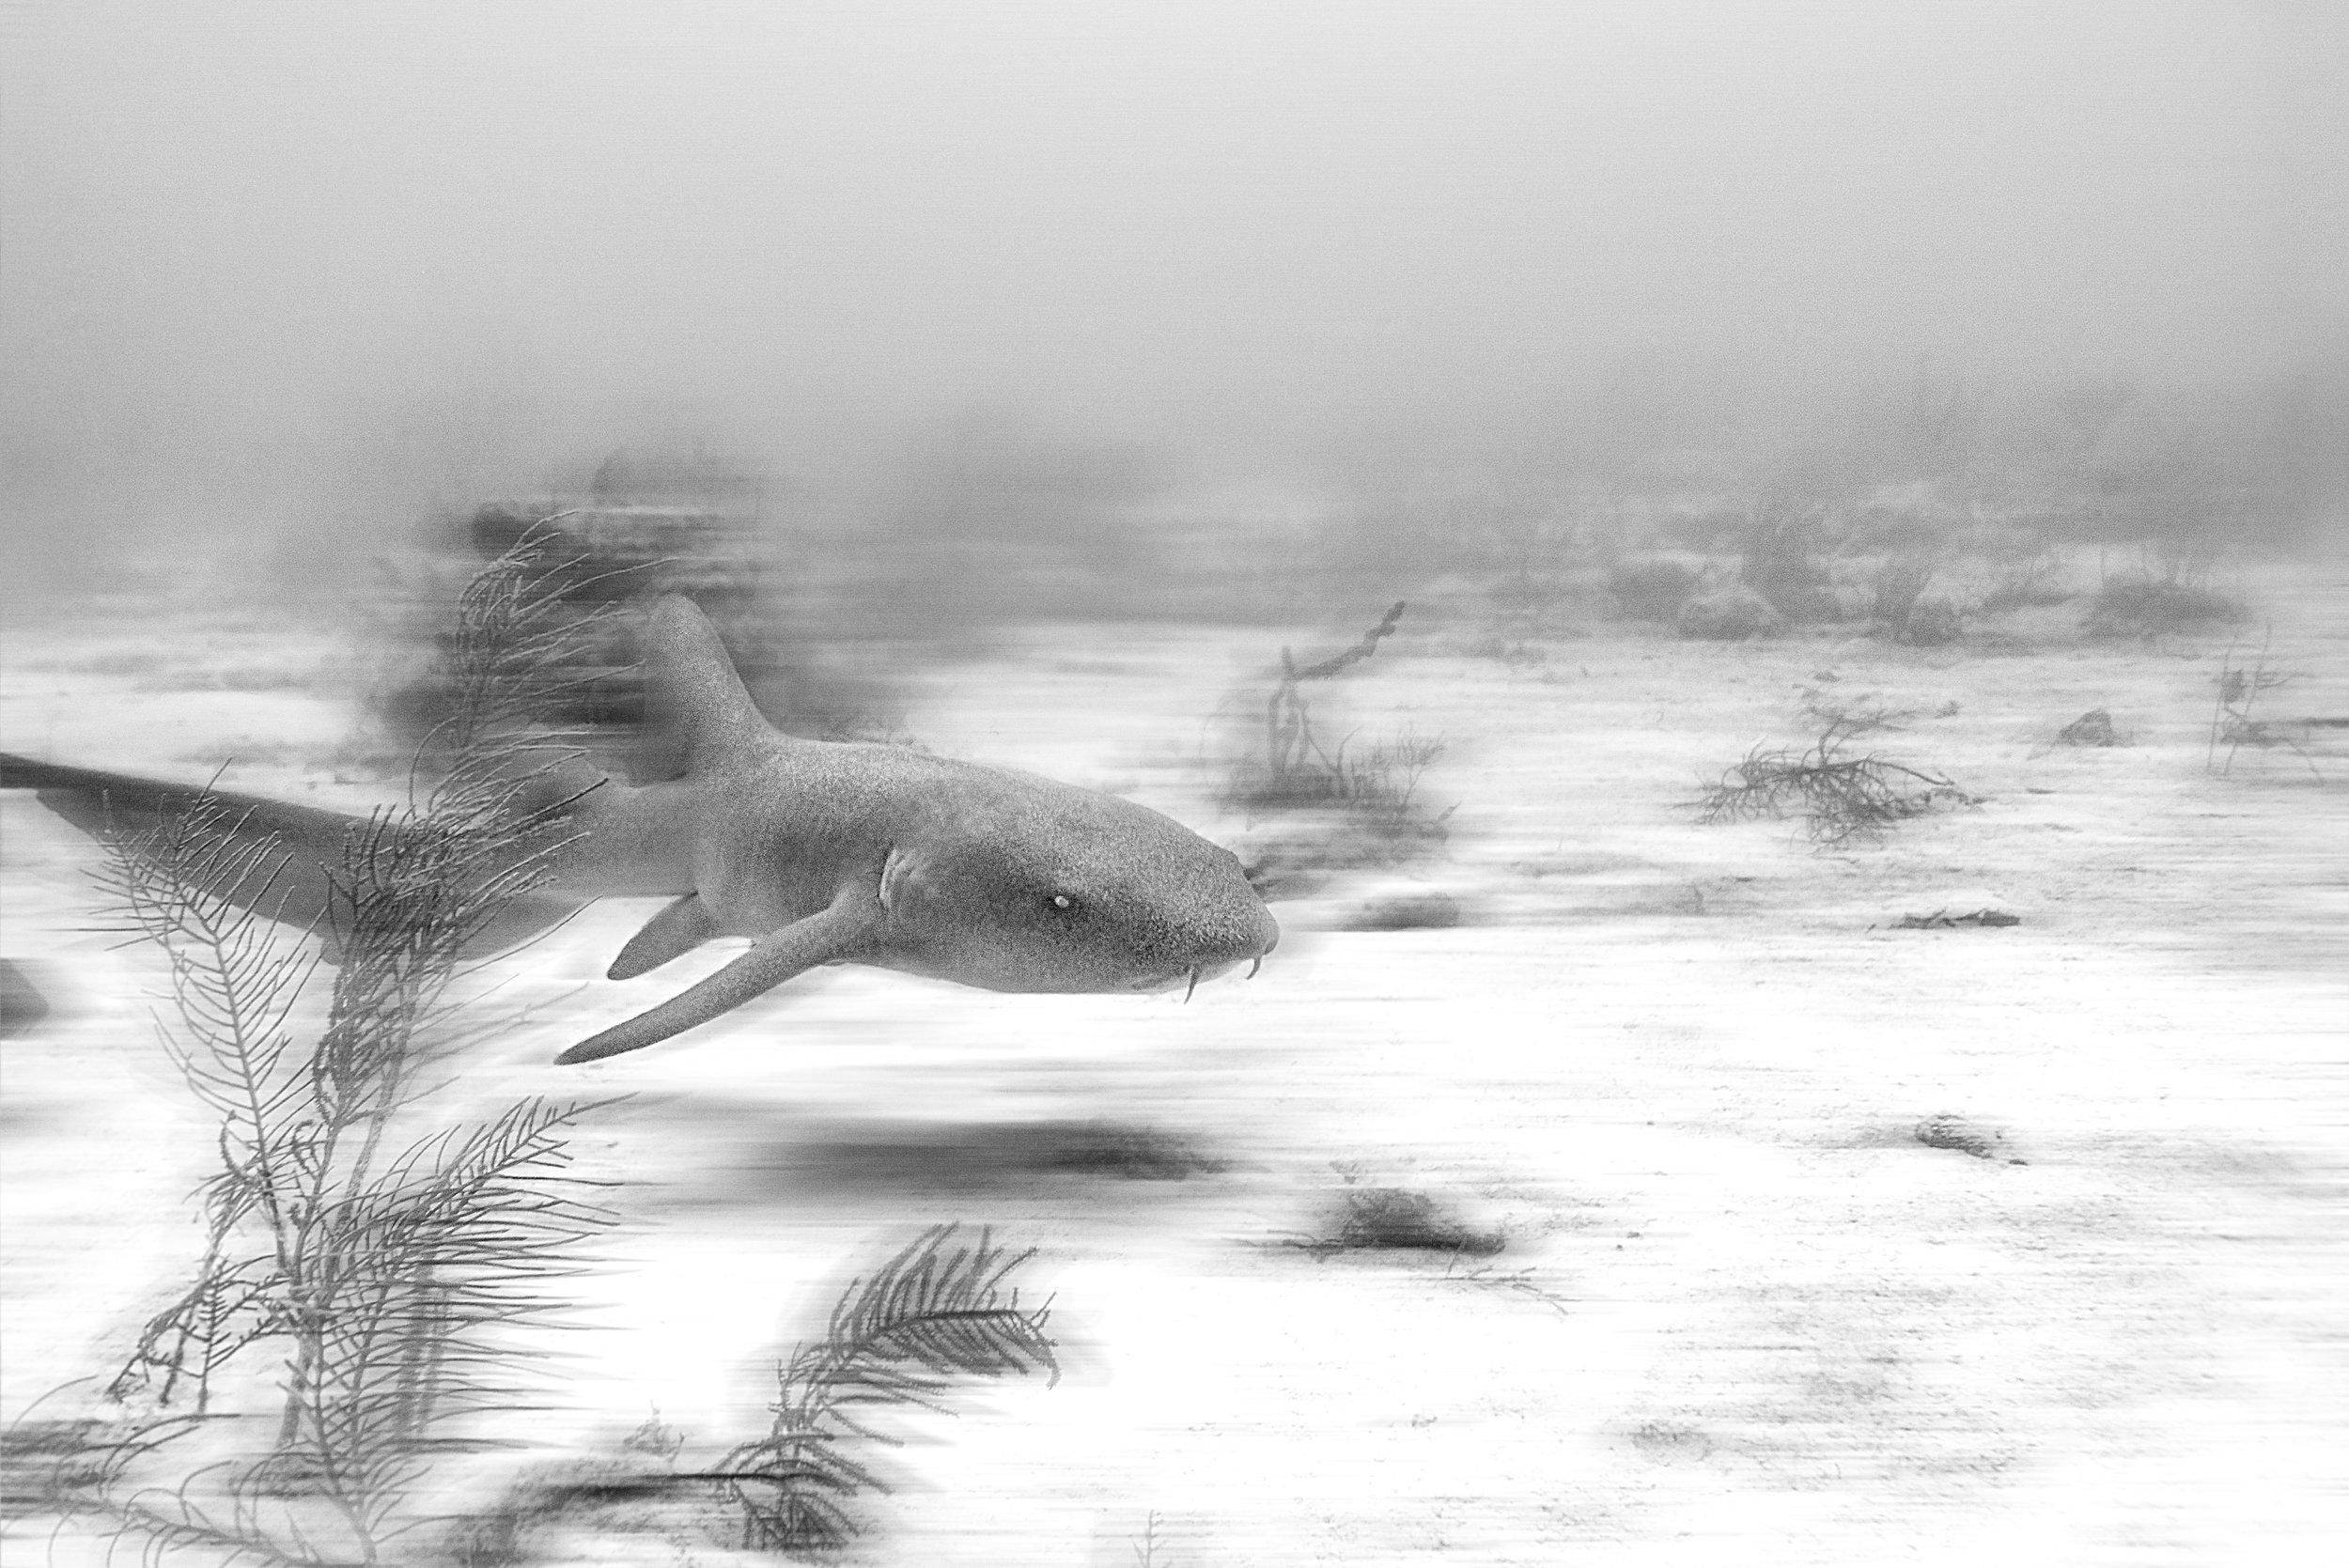 Shark1.jpg